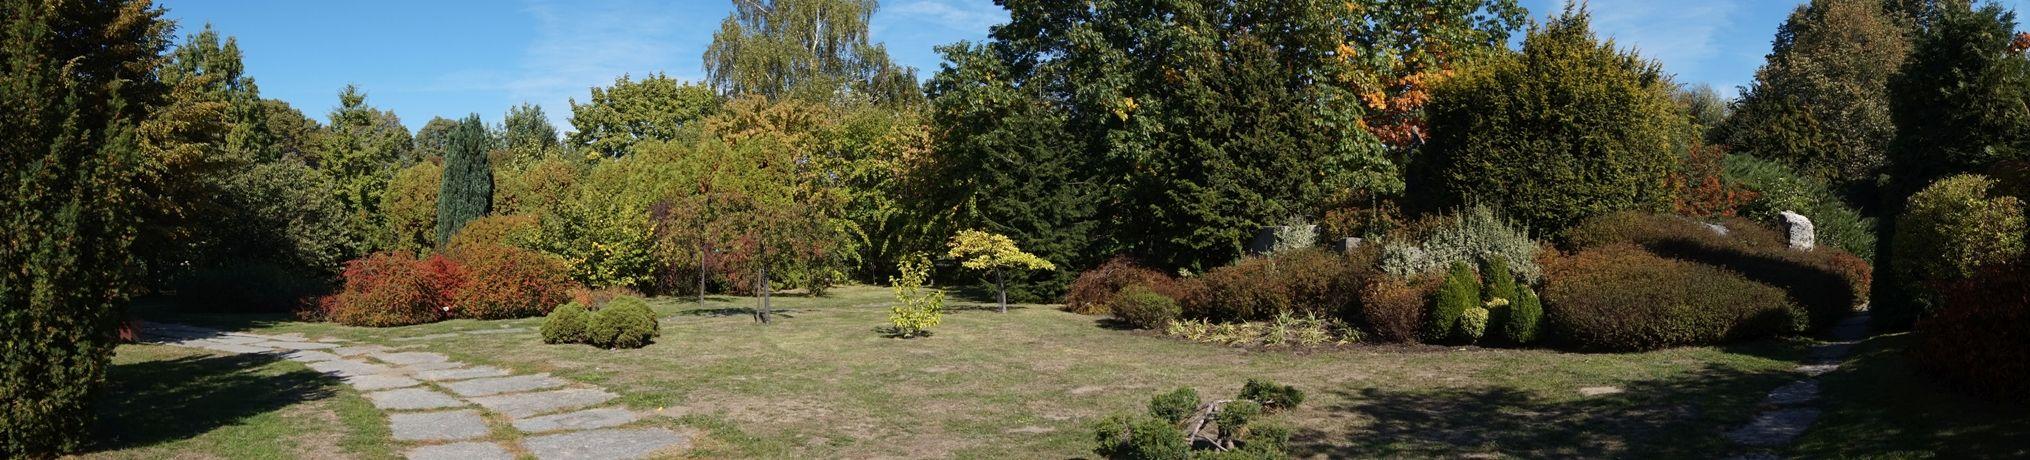 Ogród Botaniczny 3